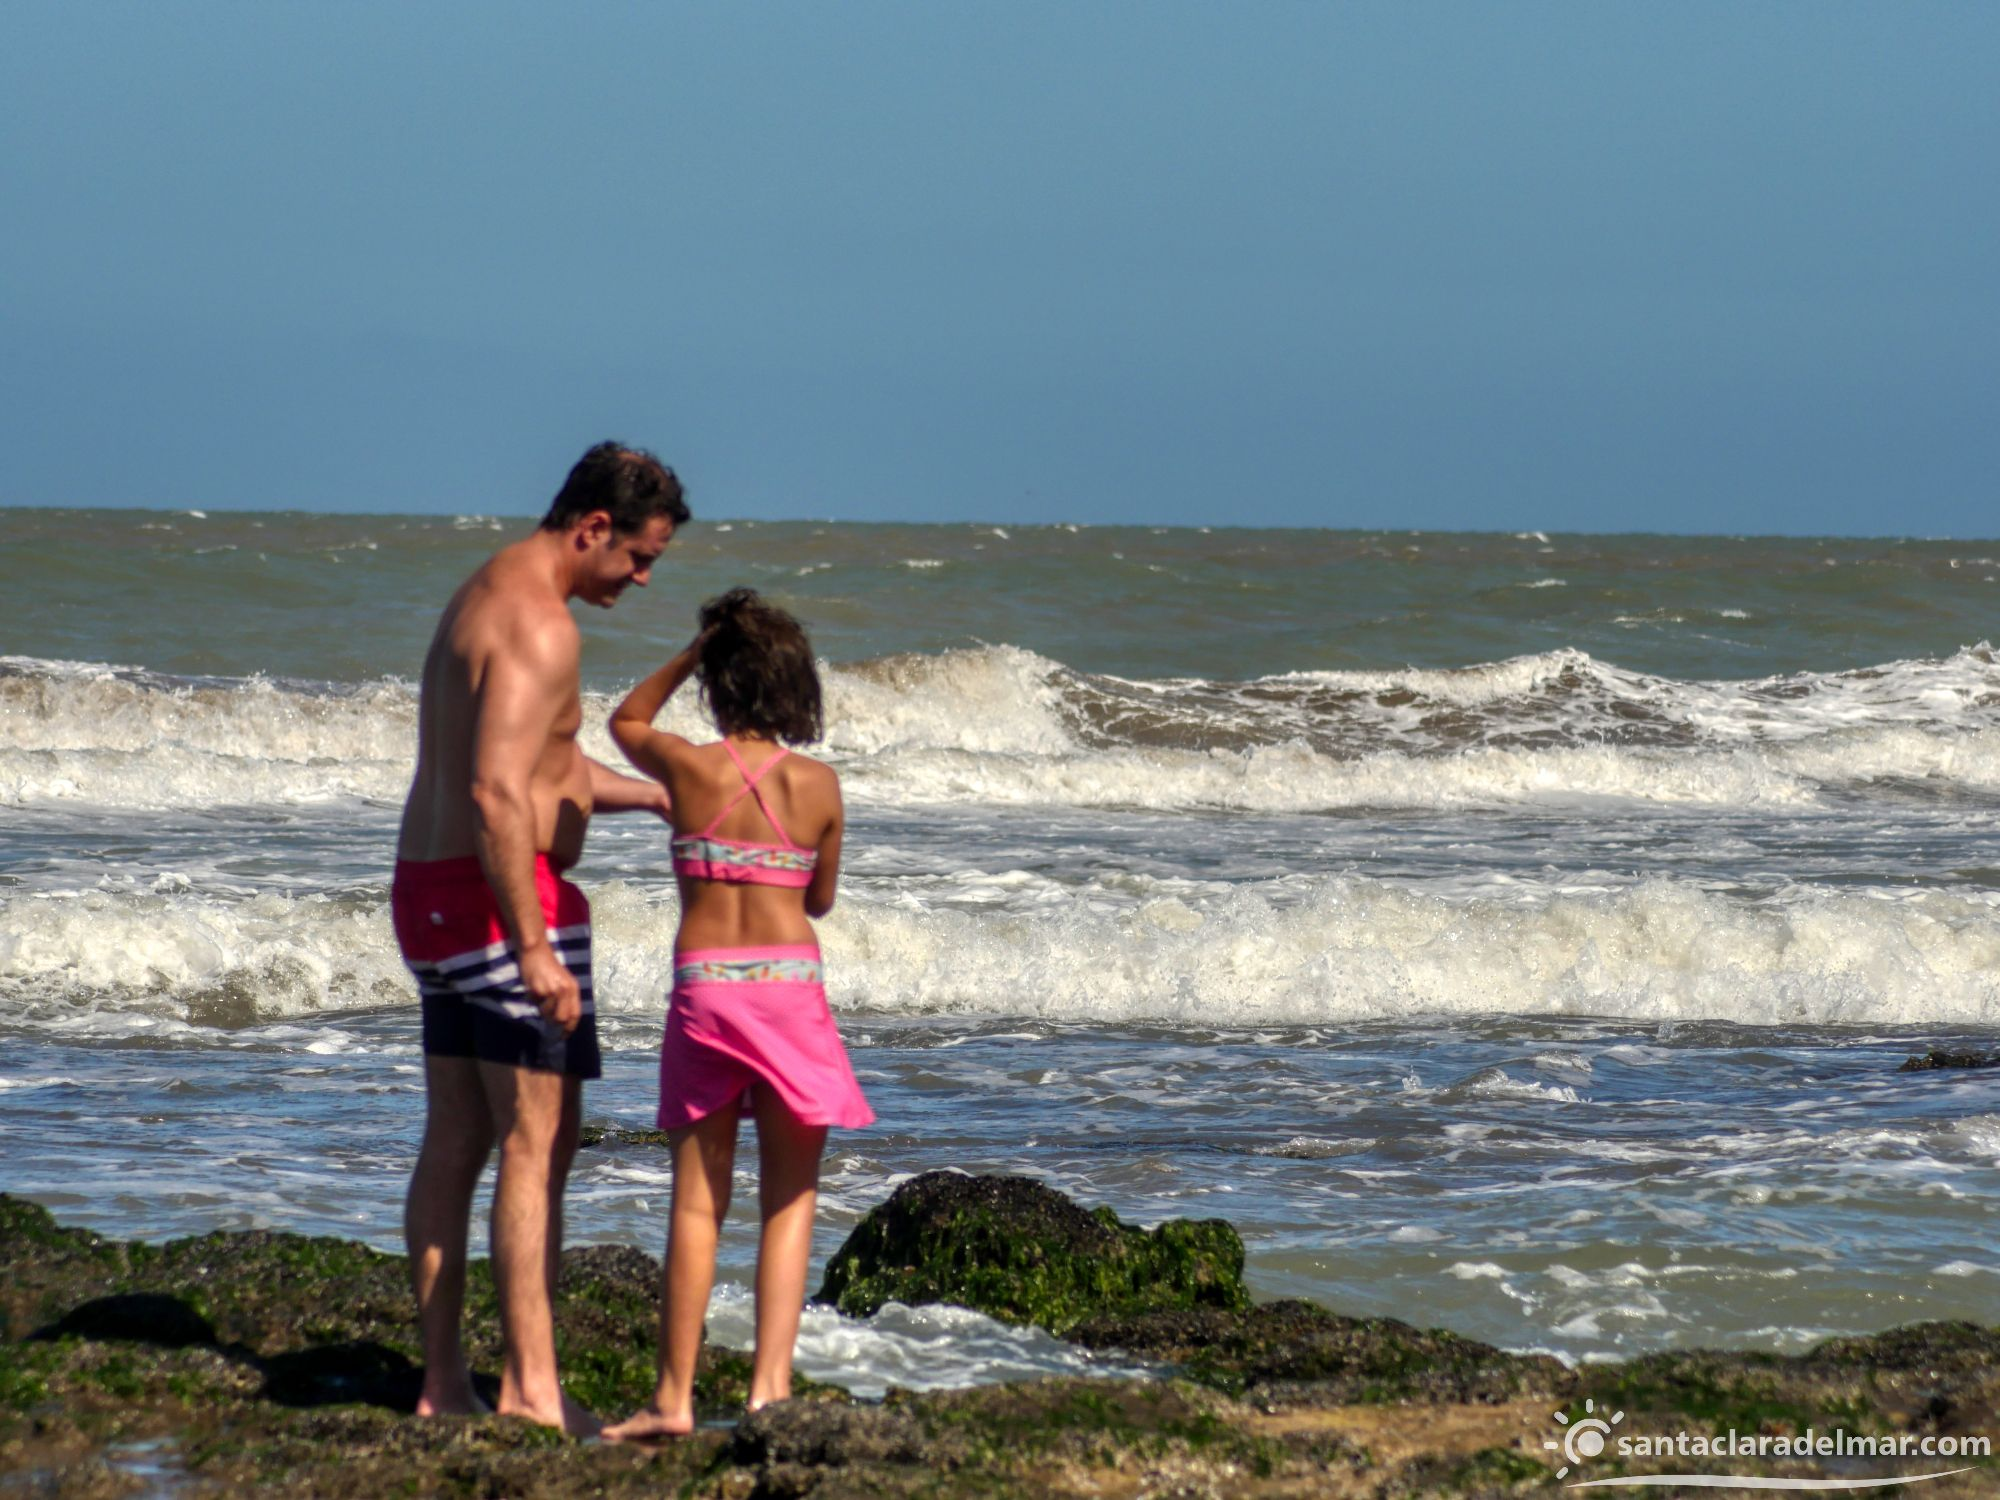 Las Playas de Santa Clara del Mar